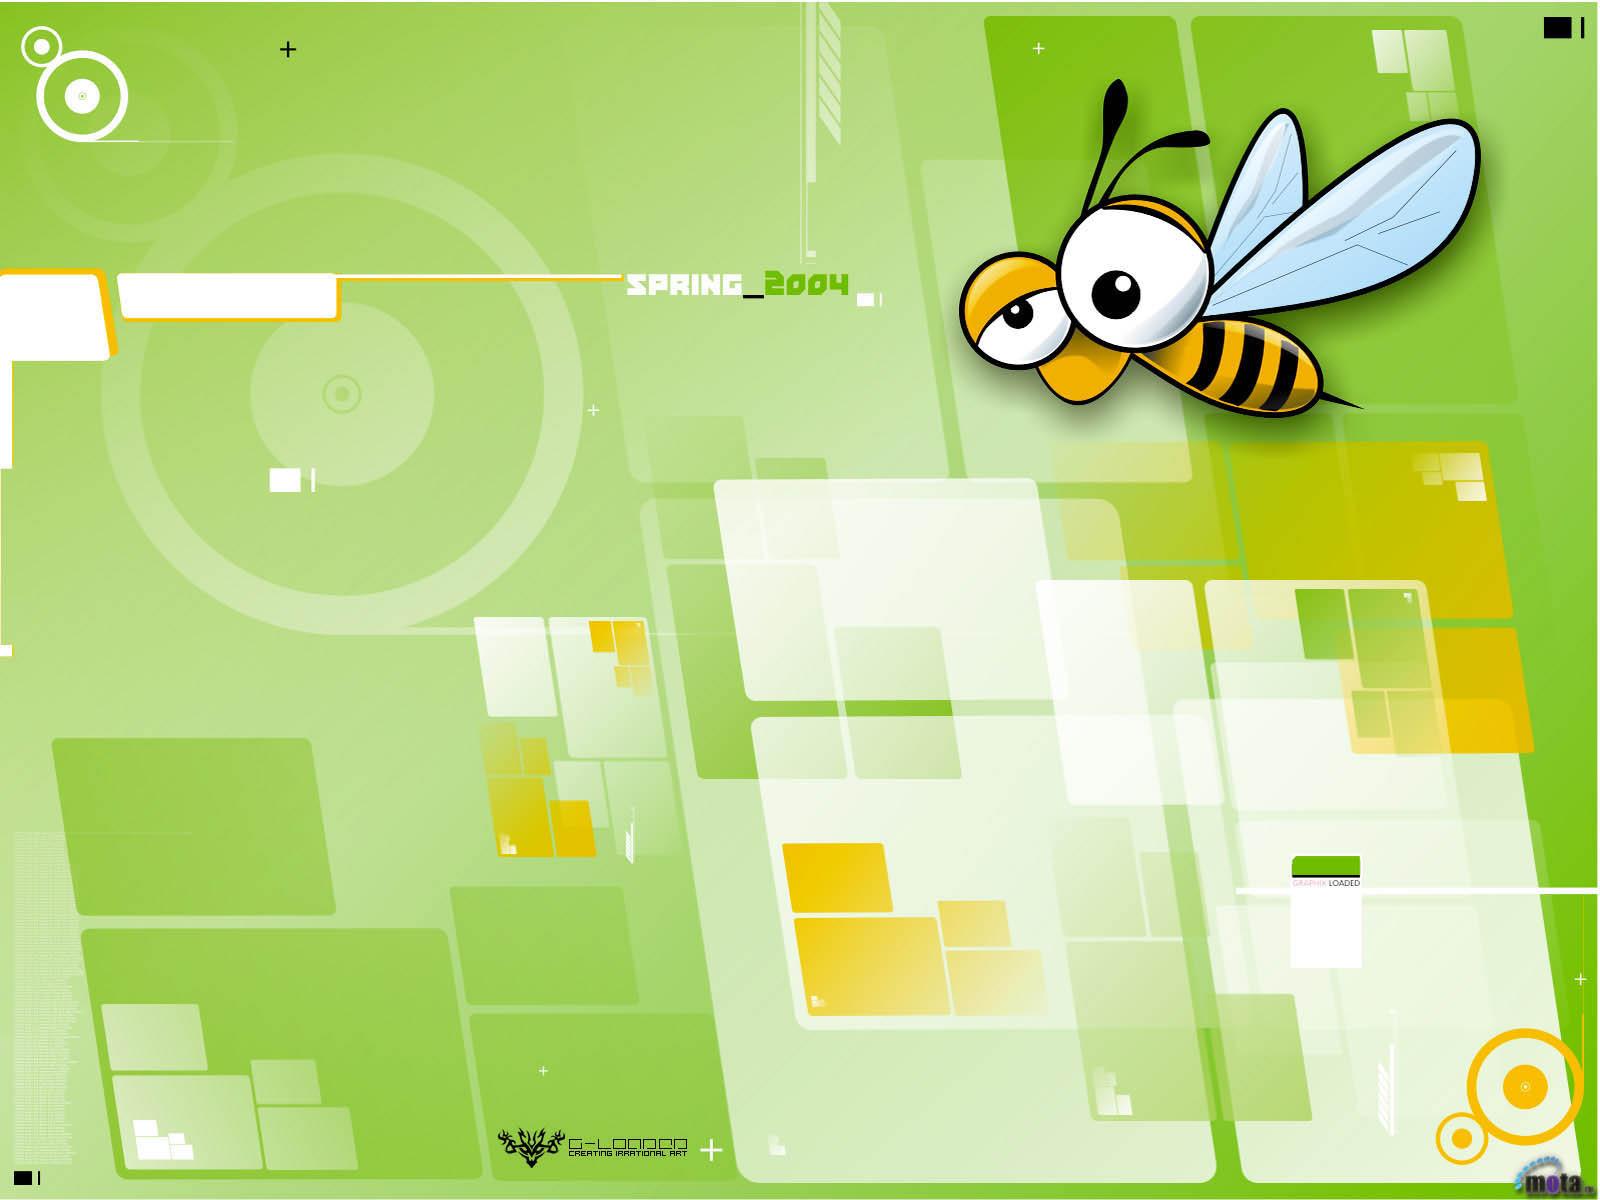 10079 Hintergrundbild herunterladen Humor, Insekten, Bienen, Bilder - Bildschirmschoner und Bilder kostenlos